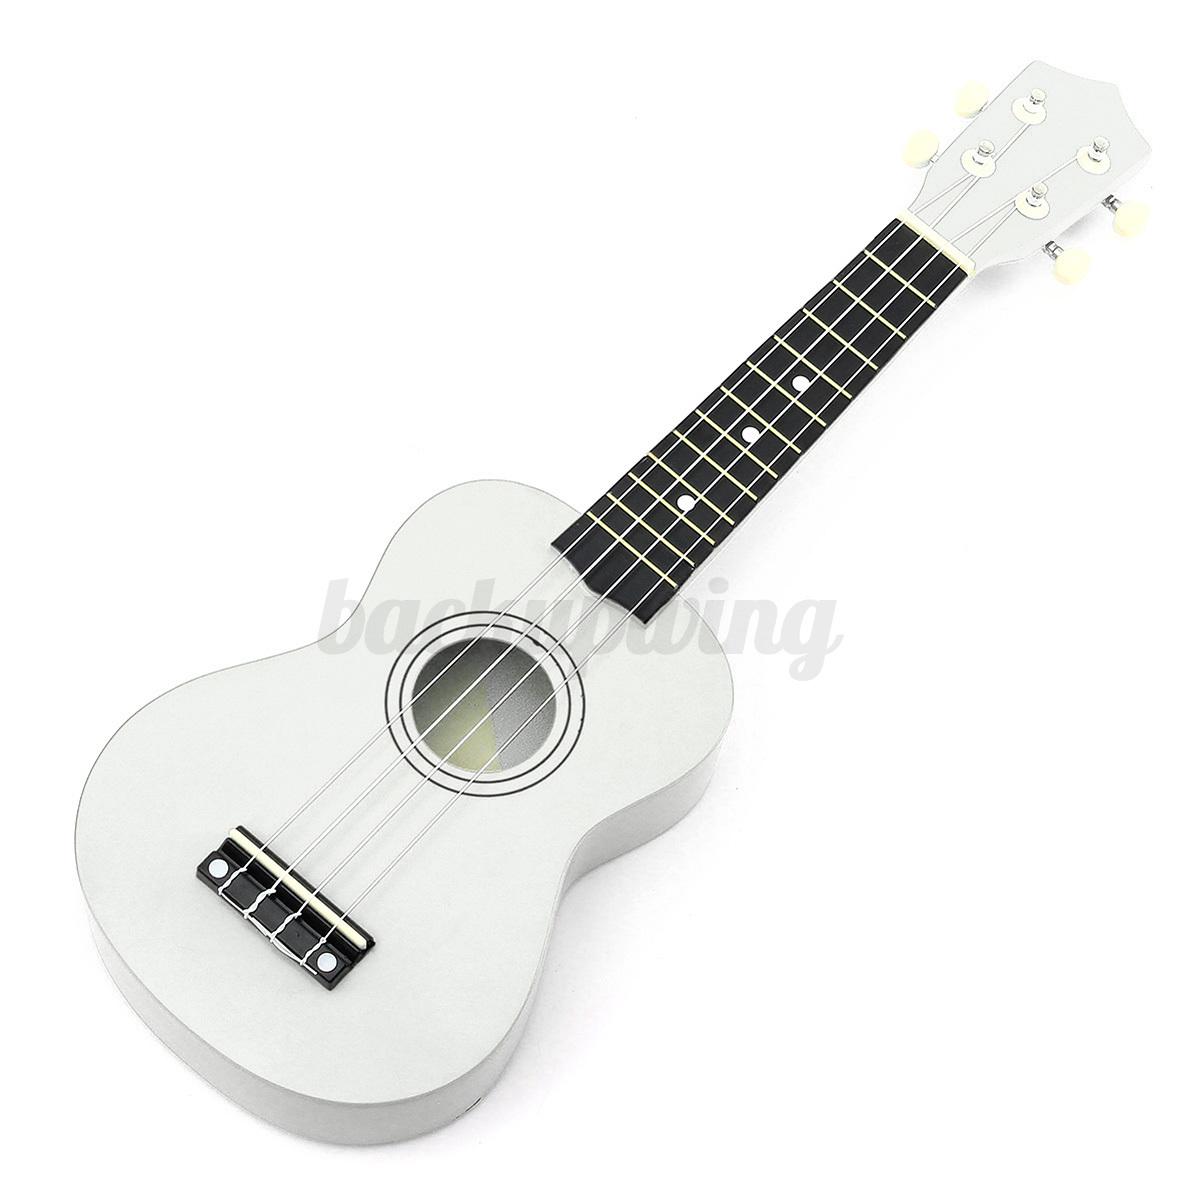 21'' Ukulele Sopran Gitarre Acoustic Guitar 4-String Kinder Geschenk fr Anfänger Weiß